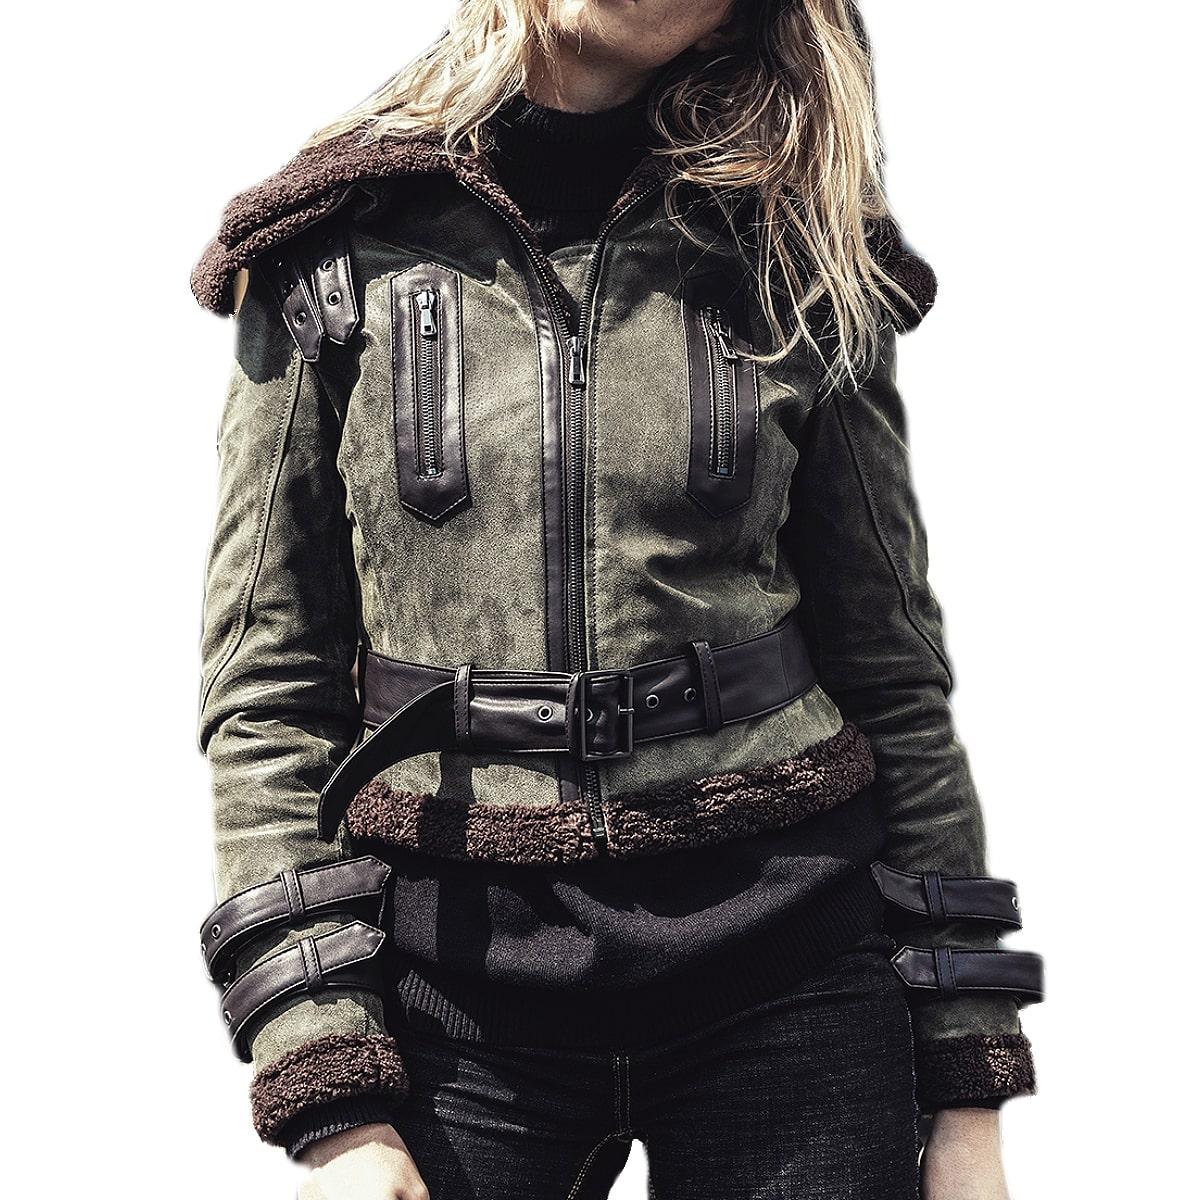 【送料無料!】全7サイズ! [Women's Faux Fur Shearling Pigskin Genuine Leather Military Jacket] レディース フェイクファー ムートン ピッグスキンレザー ミリタリージャケット! ウィメンズ 女性用 本革 豚革 革ジャン ダークグリーン ボア コート アウター バイクに!